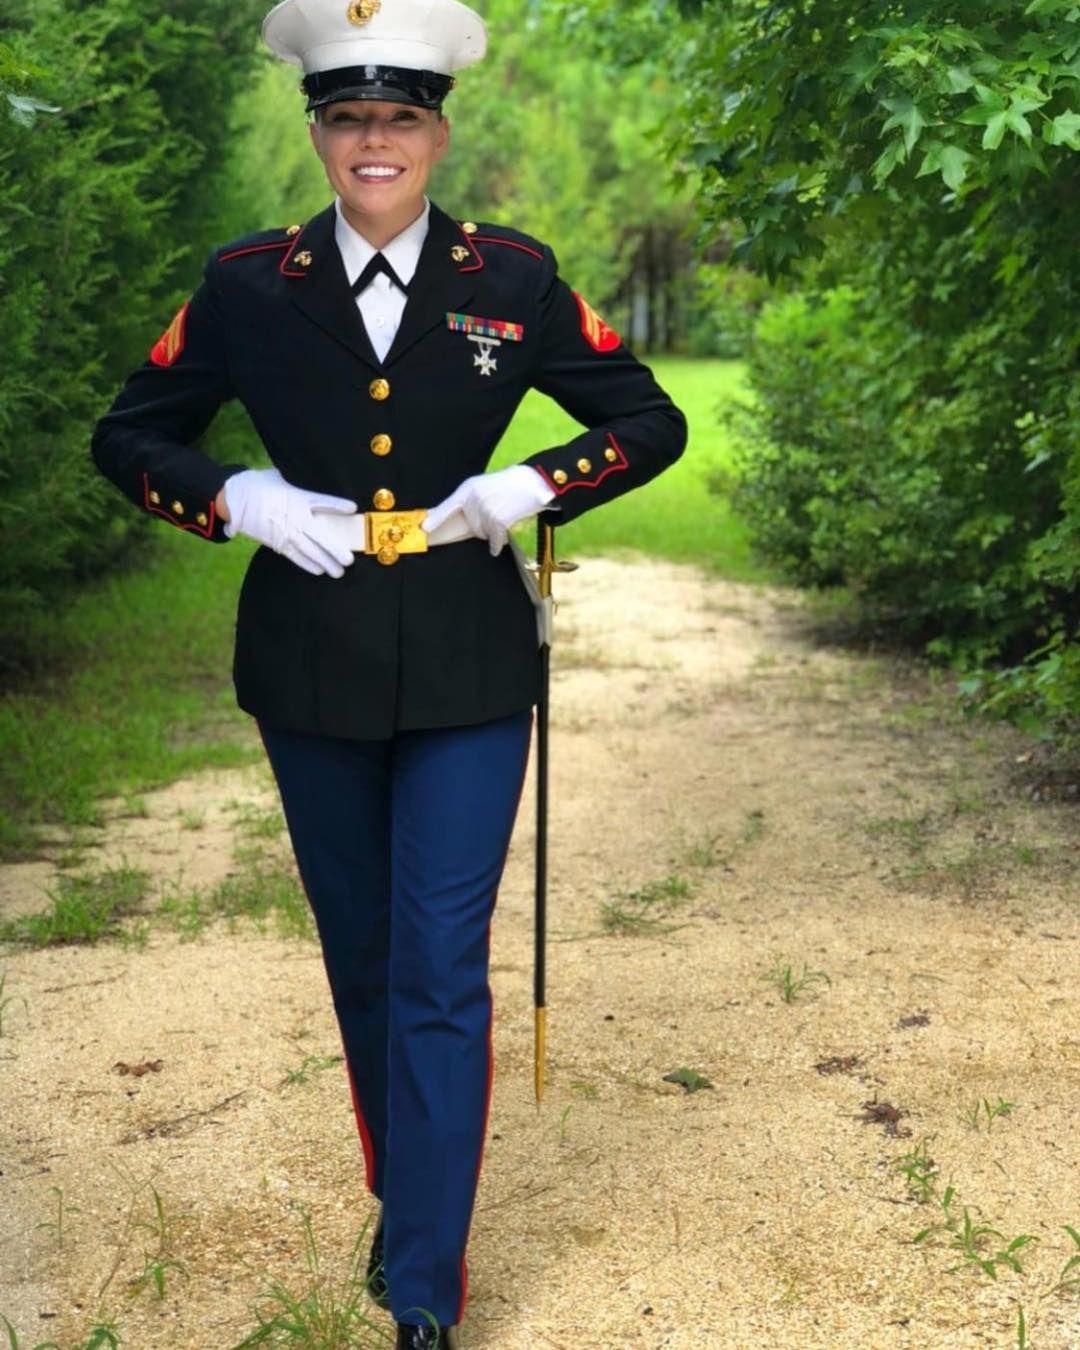 Marine Corps Beauties On Instagram Wcw Akabitchell Marinecorpsbeauties Femalemarines Femalemarine Femal Marine Corps Female Marines Military Marines [ 1350 x 1080 Pixel ]